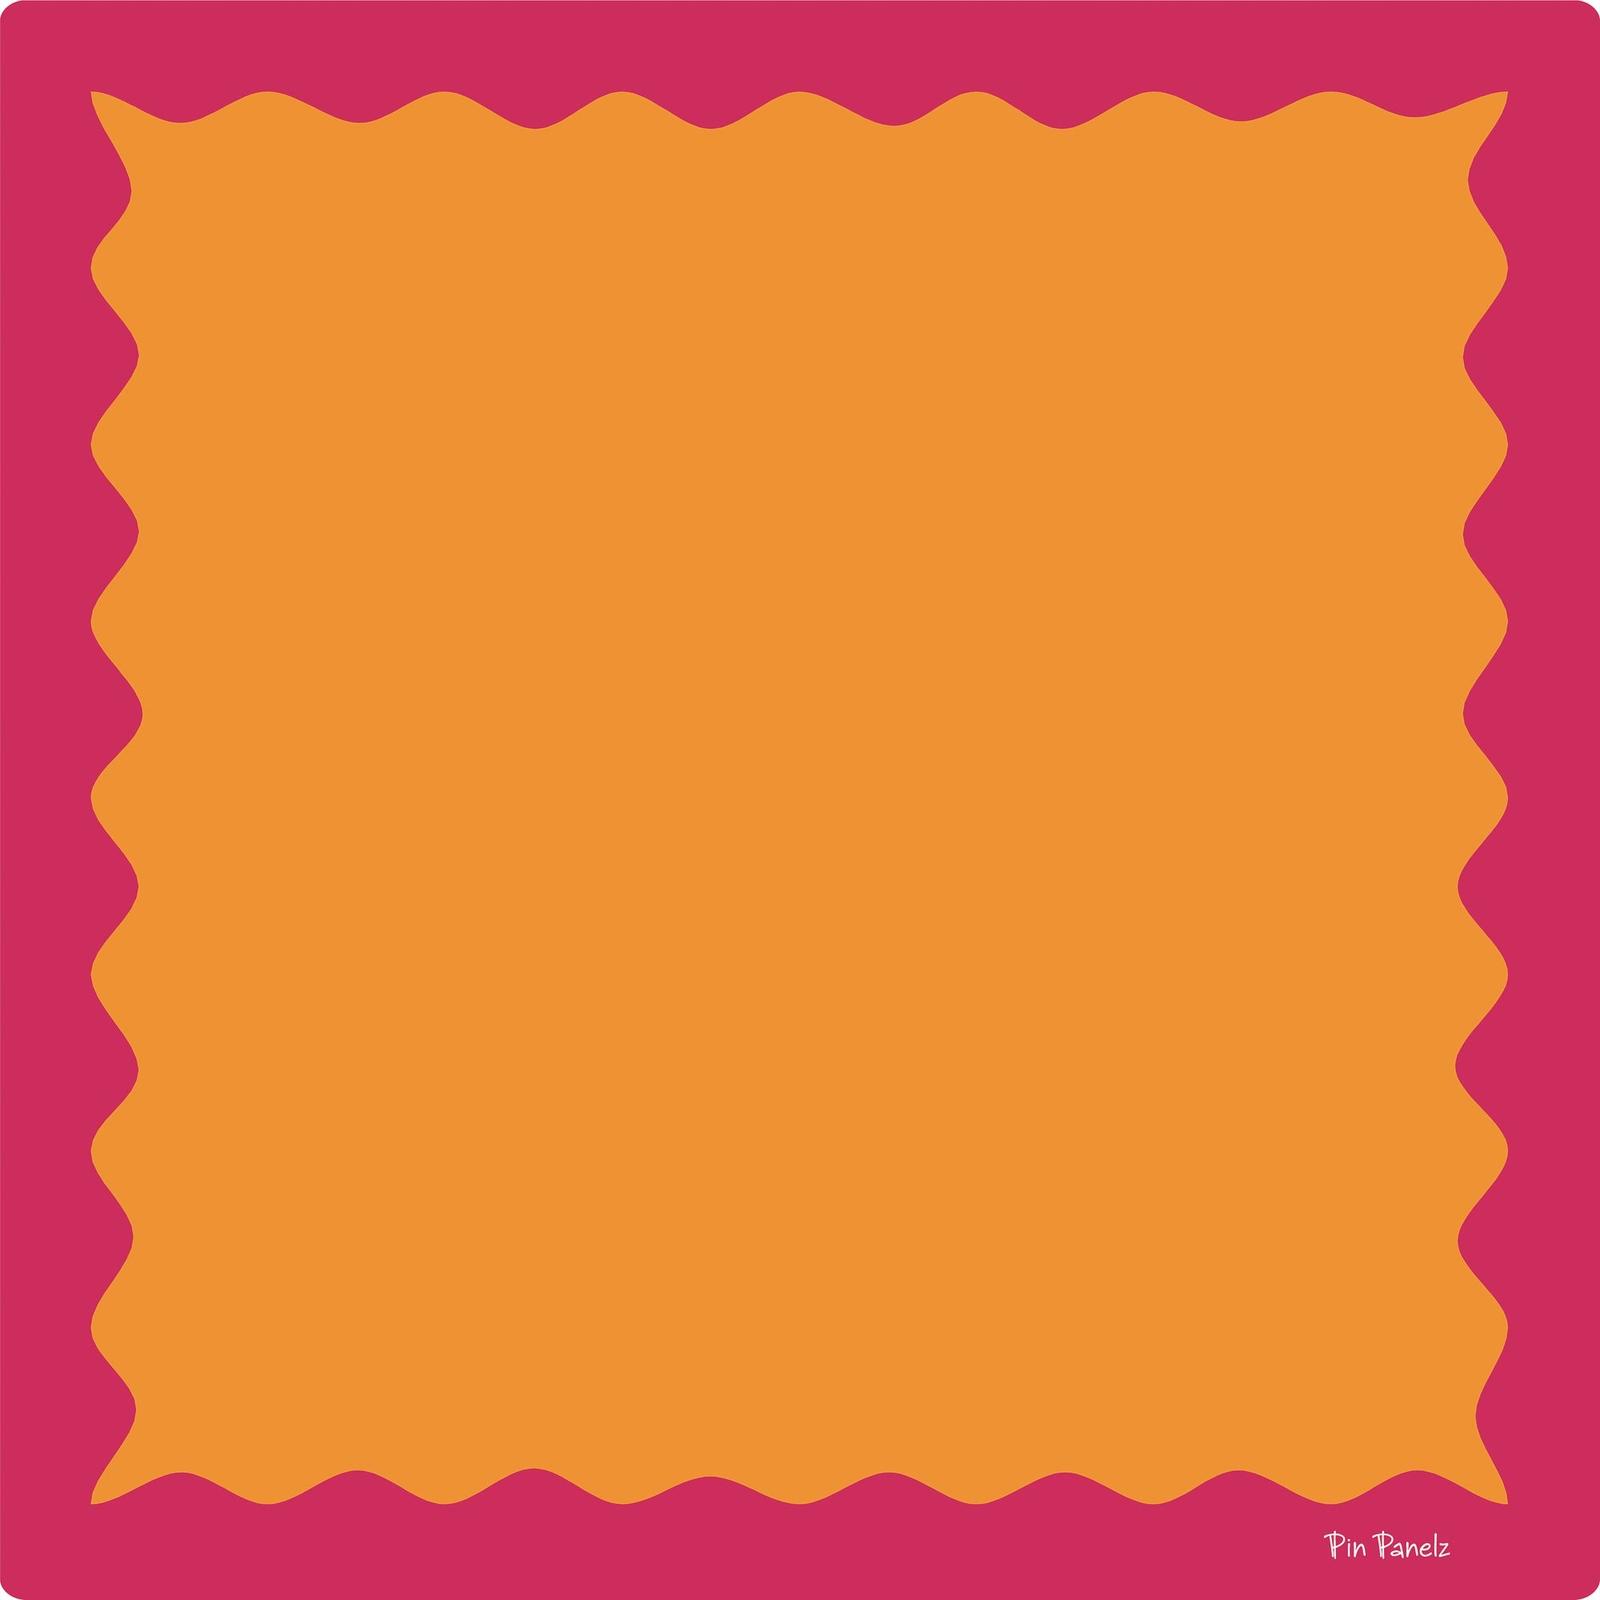 Funky Pin Panelz Pink/Orange - W1200 x H1200mm